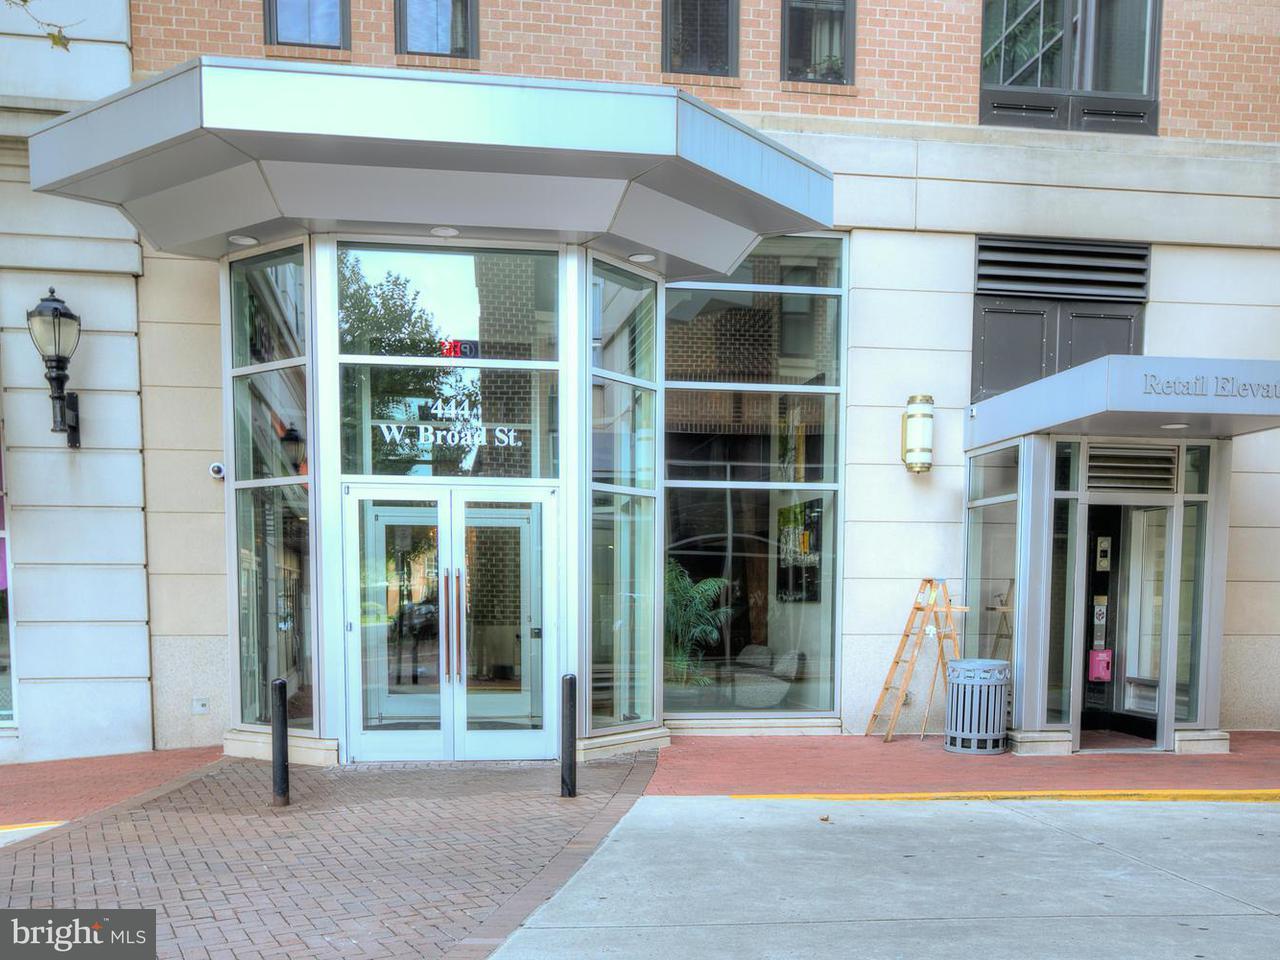 Appartement en copropriété pour l Vente à 444 West Broad St #213 444 West Broad St #213 Falls Church, Virginia 22046 États-Unis